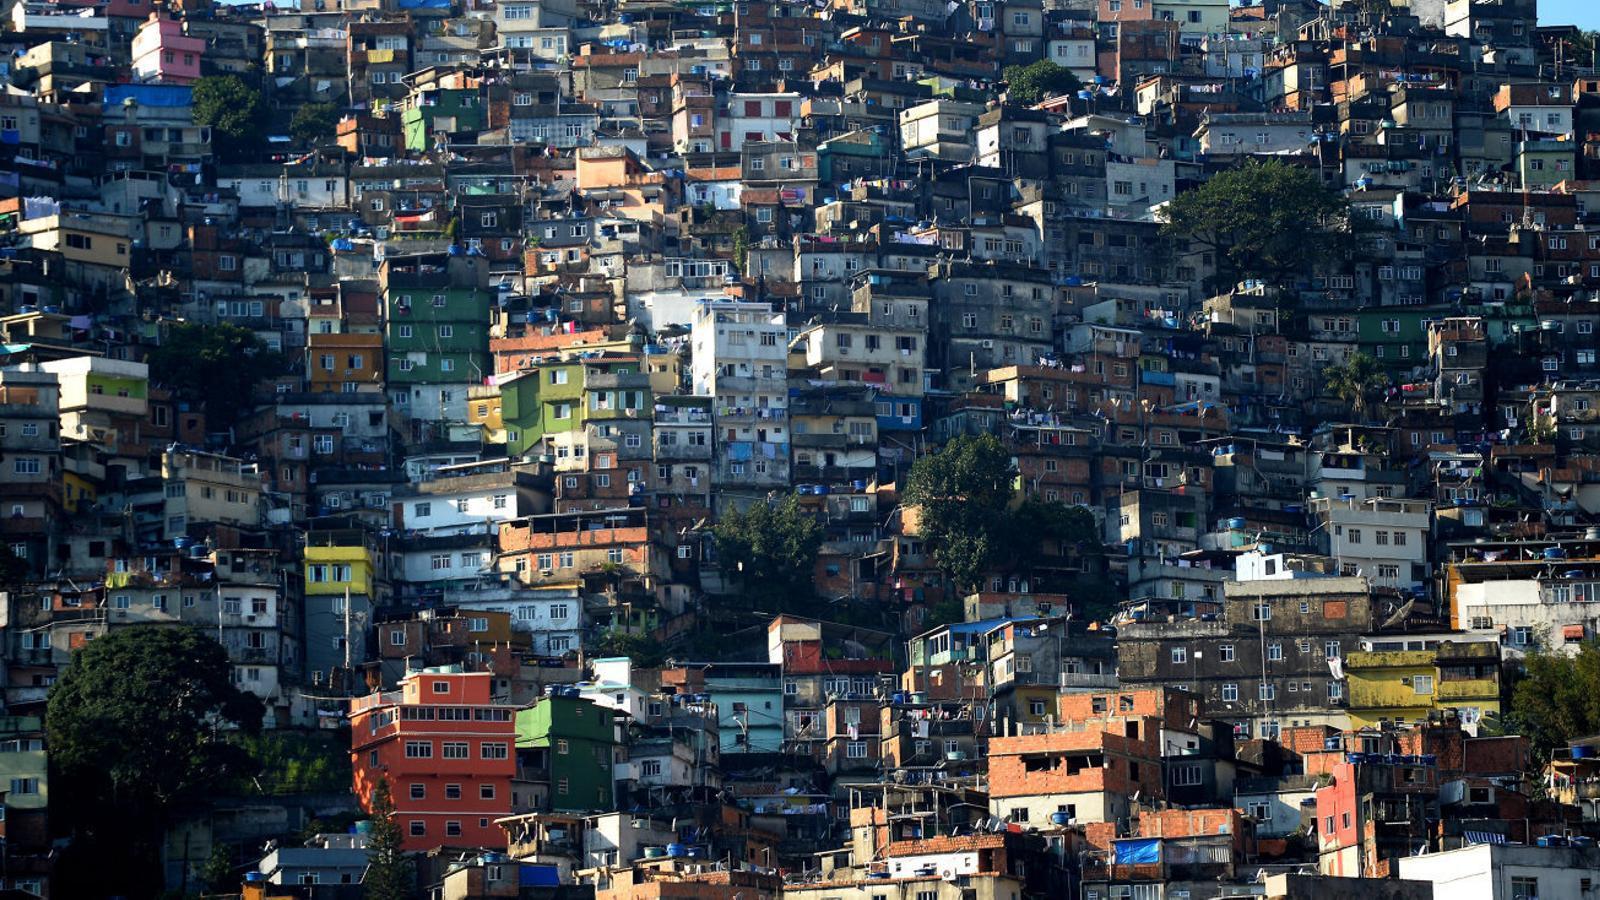 Caetano Veloso: Temps foscos per al Brasil